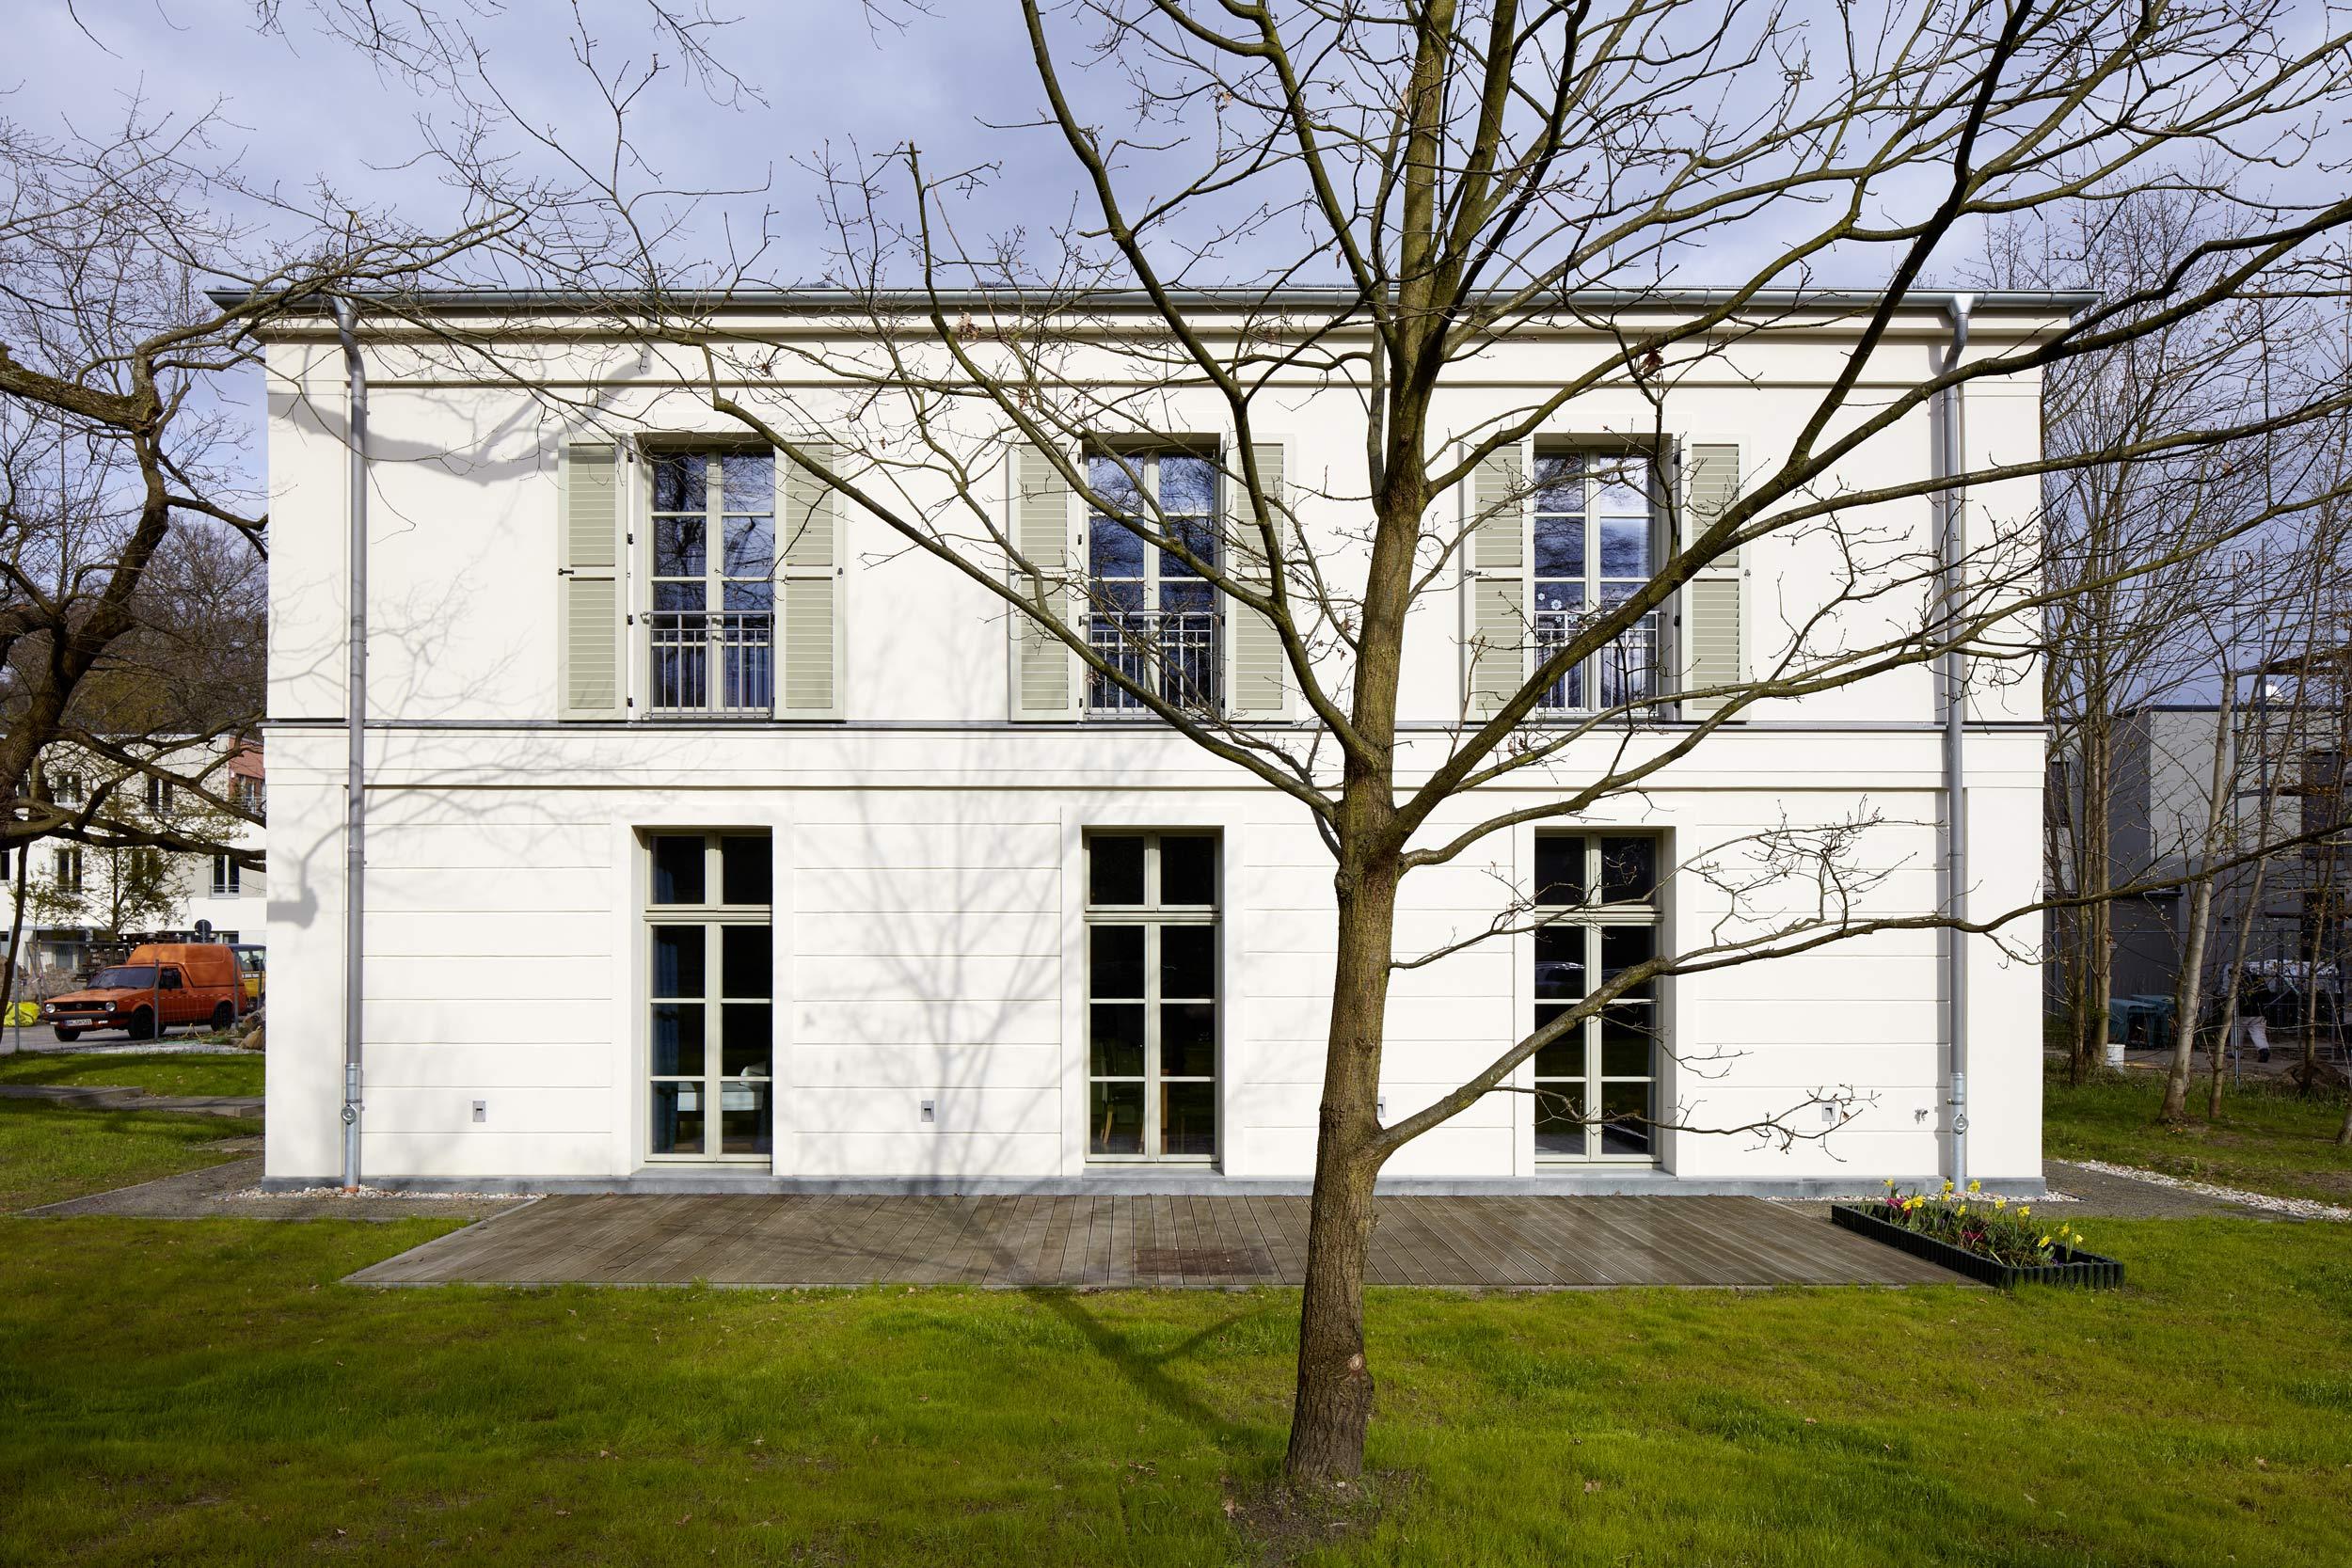 Vertikale symmetrische Fensterreihen - Klassisch traditioneller Baustil